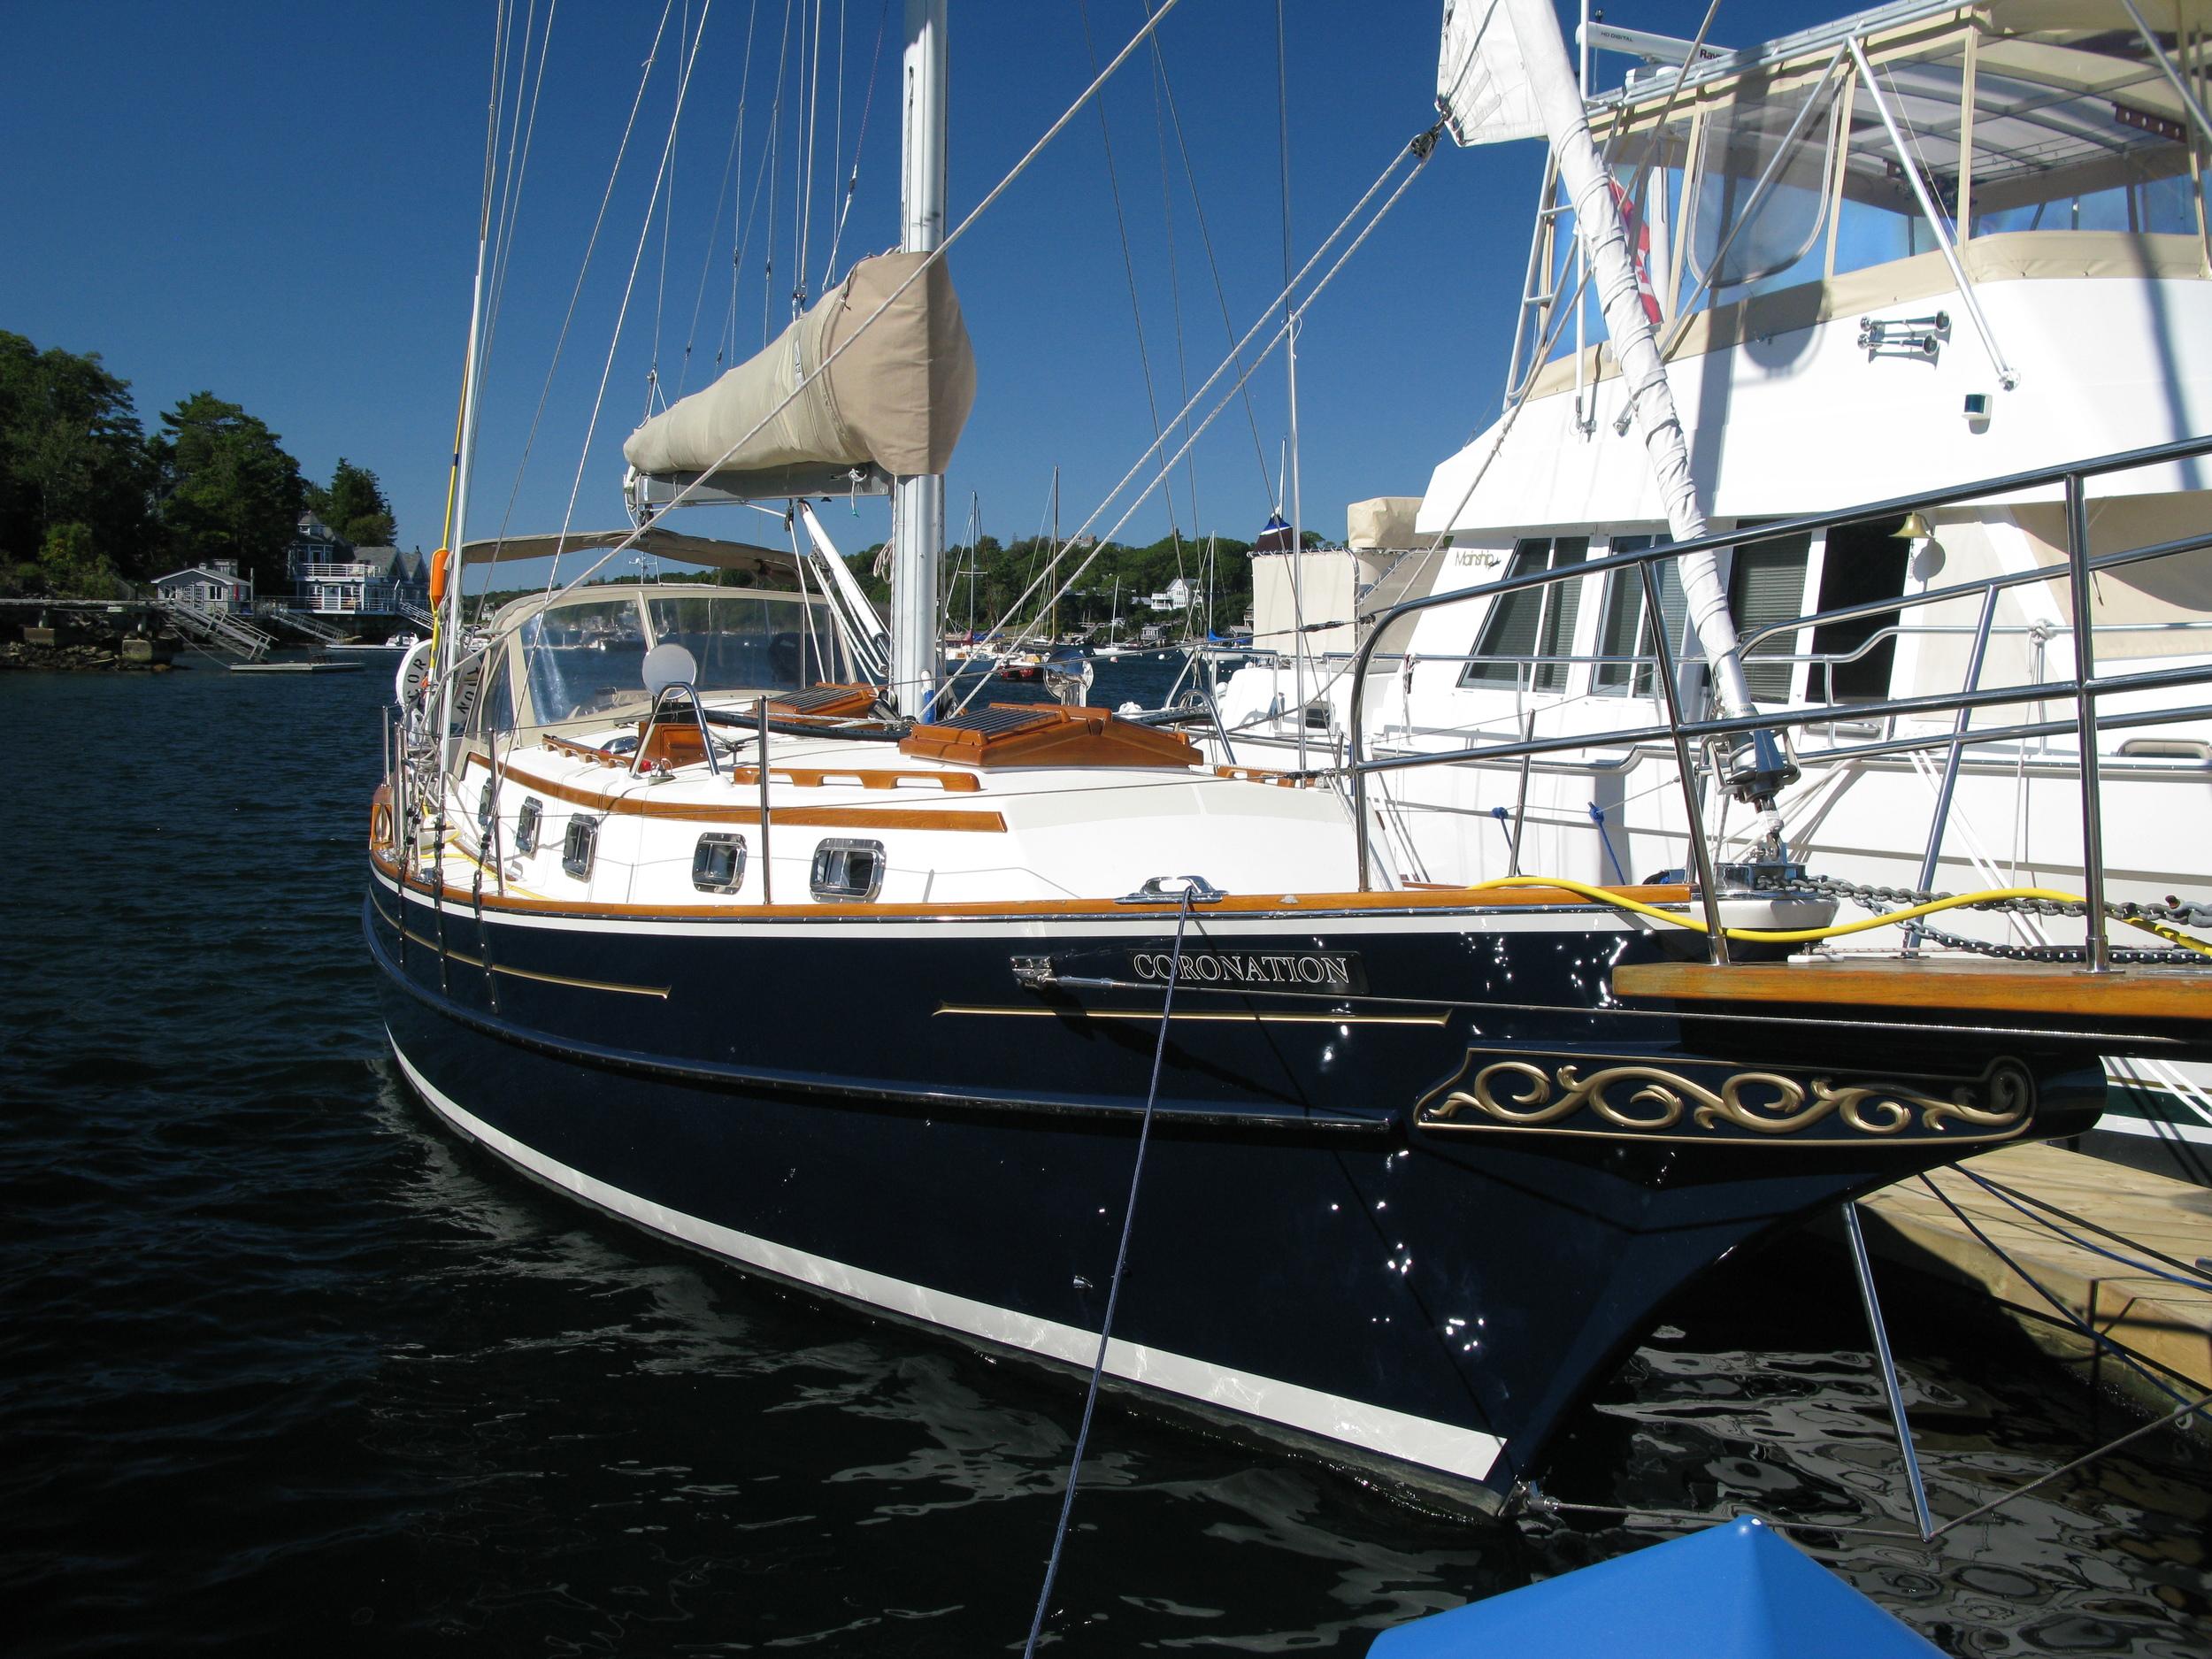 At her dock at RNSYS